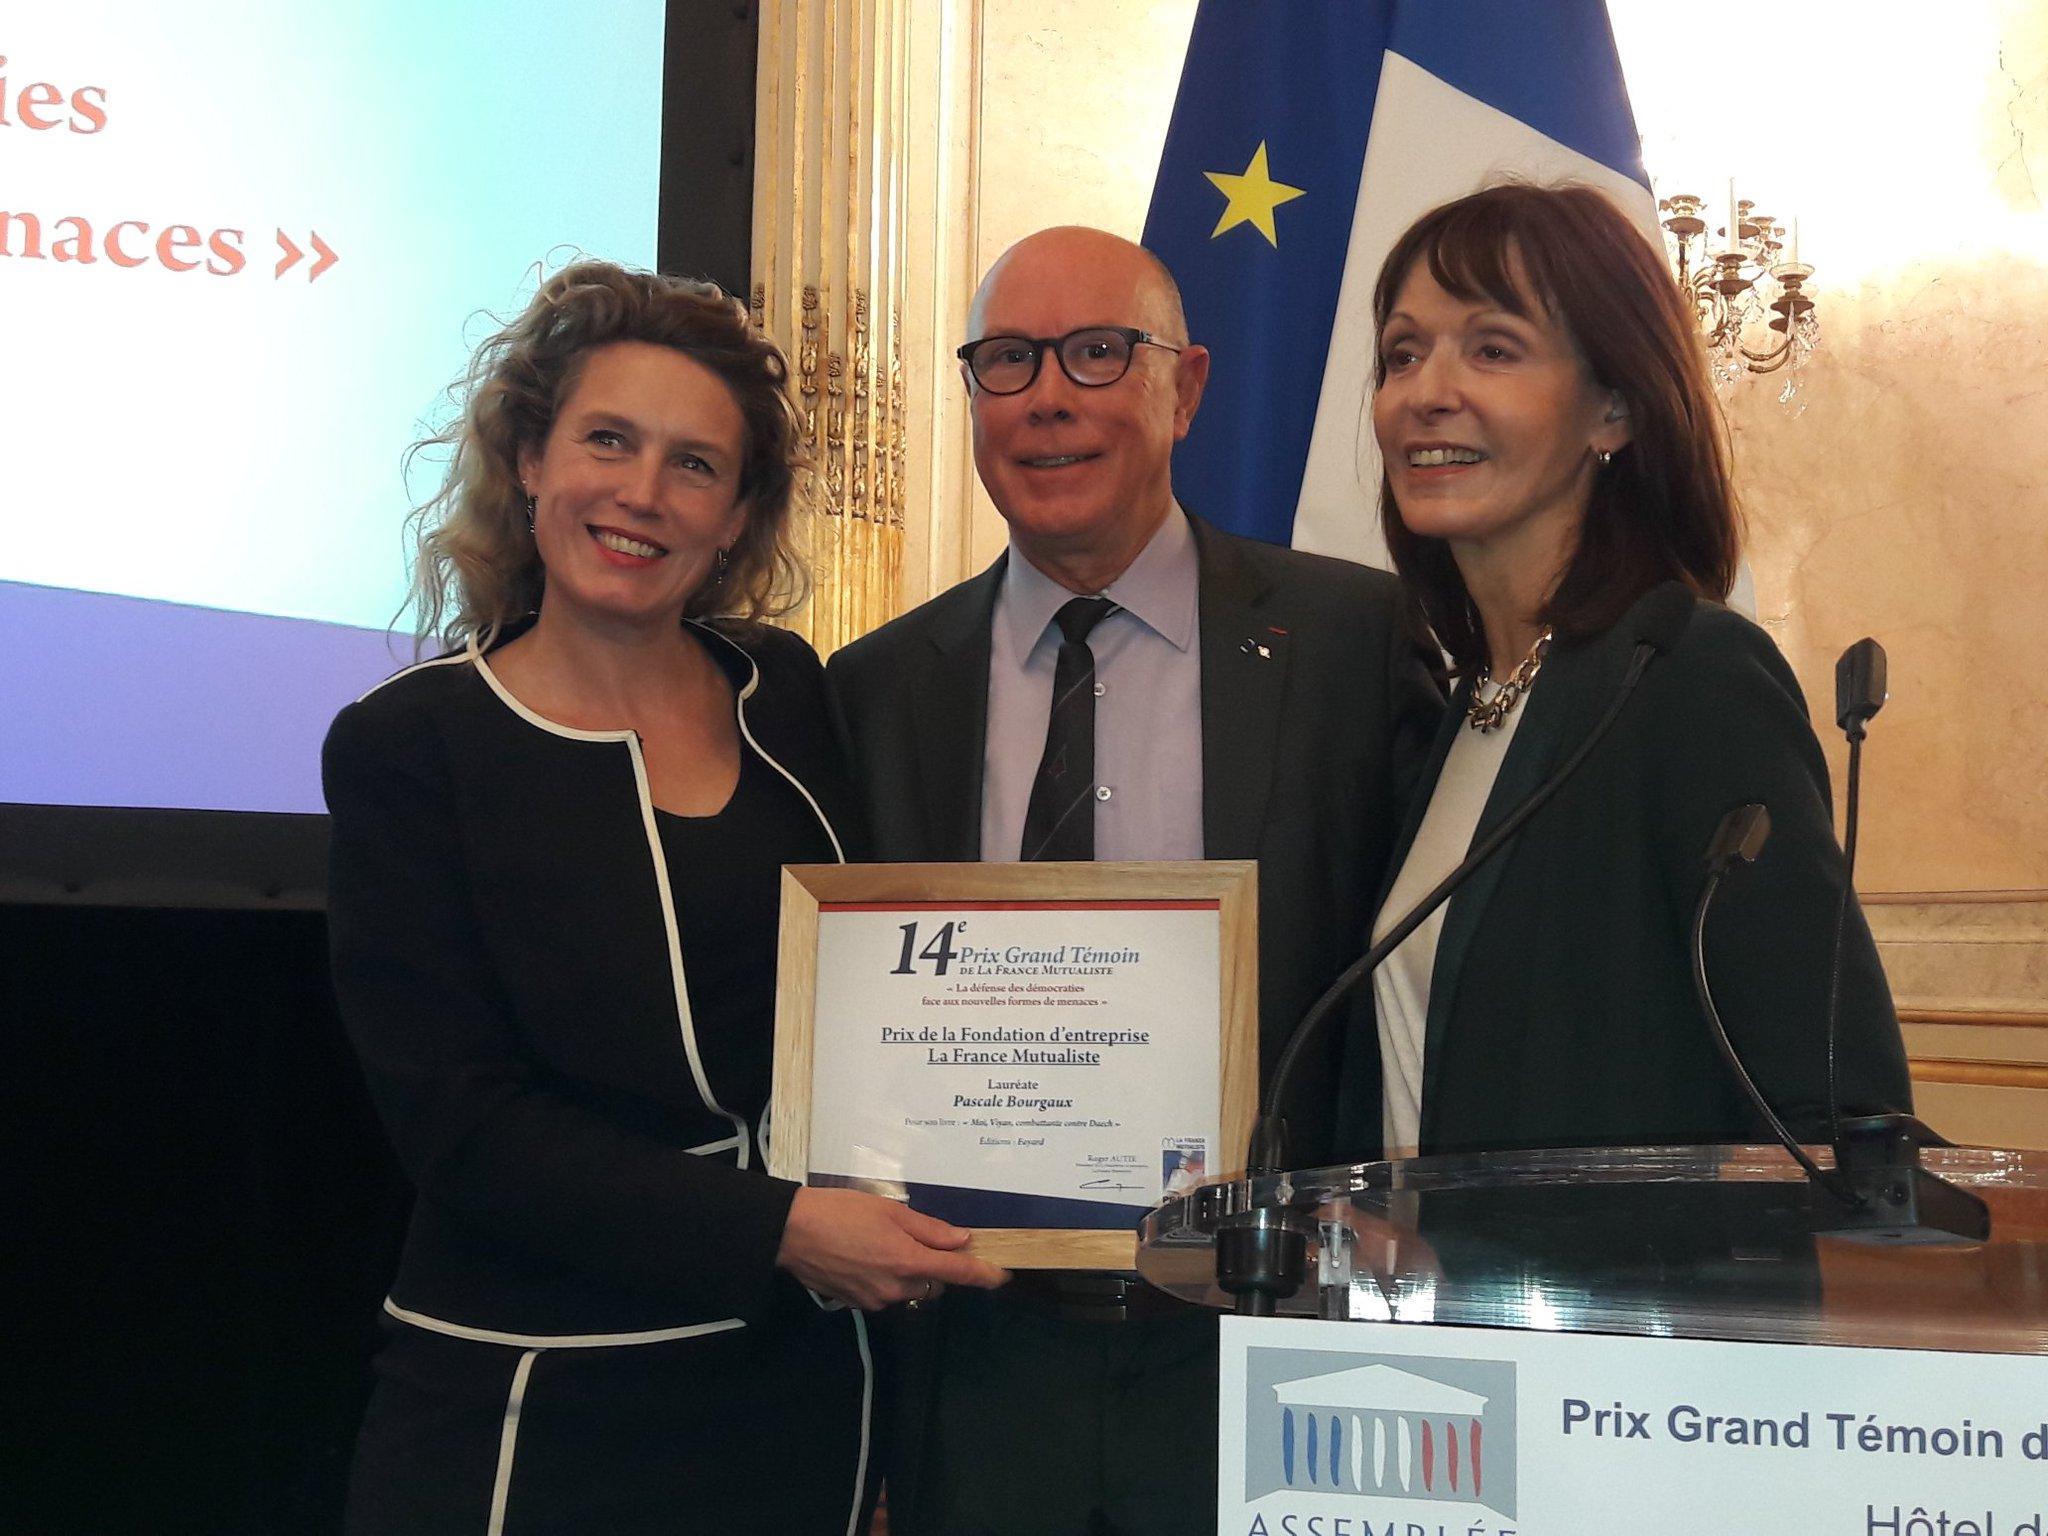 #prixgrandtemoin  Pascale Bourgaux,  Prix de la Fondation LFM avec Patricia Allemoniere TF1 membre du Jury @PALLEMON https://t.co/VedQ6GyiVb